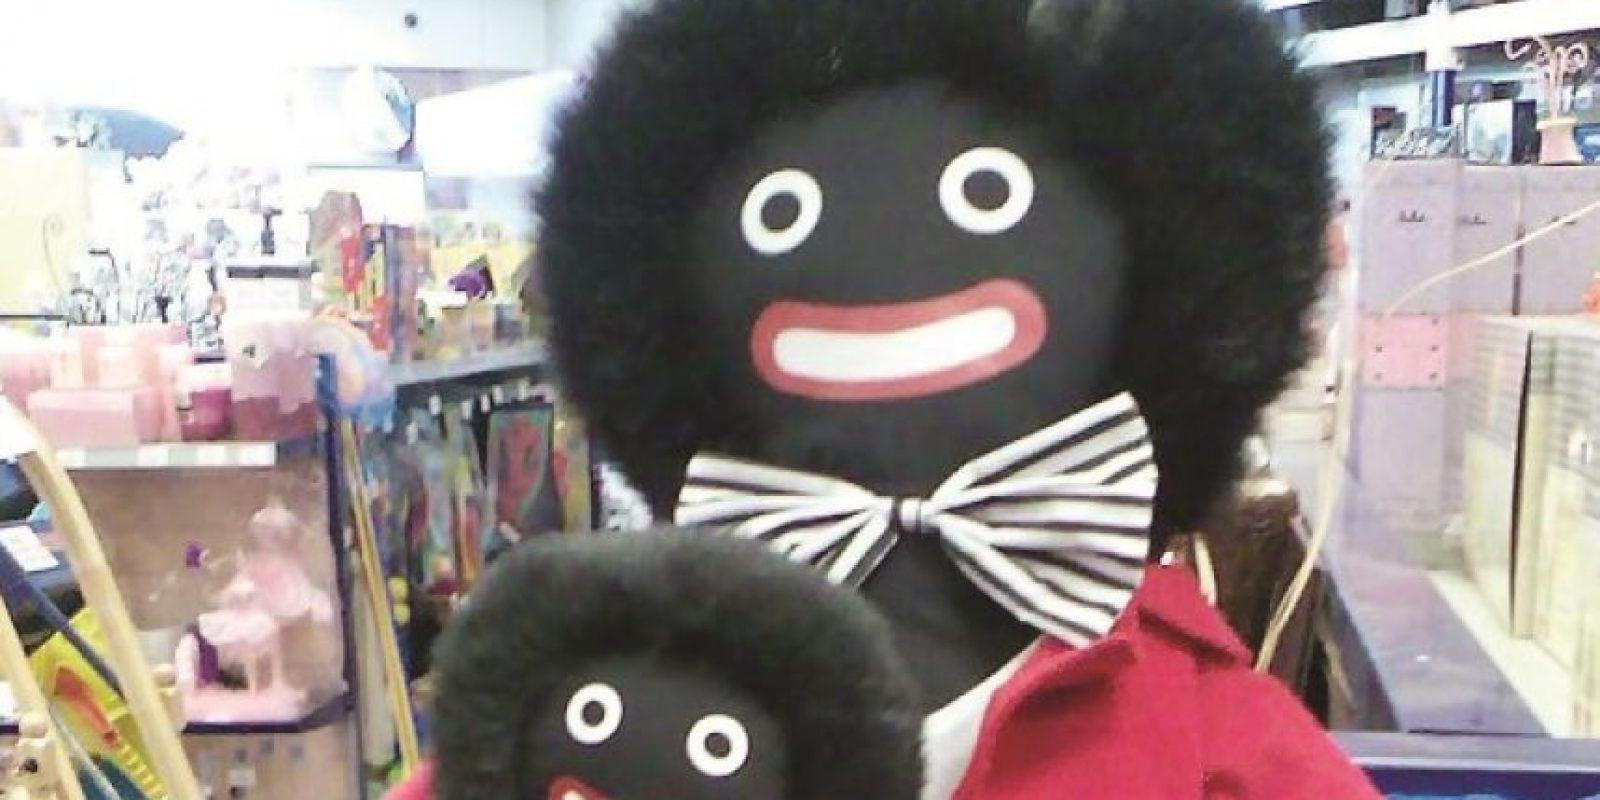 Muñecos Golliwog racistas.l Golliwog era un personaje negro en el libro para niños llamado Las aventuras de dos muñecos holandeses y un Golliwogg. Los juguetes de trapo tuvieron gran popularidad en Europa y Australia en la primera mitad del siglo XX, pero disminuyó la moda a partir de la era de los derechos civiles de la década de 1960. Recientemente, estos juguetes racistas estuvieron una vez más en el ojo público cuando una tienda en Queen's Sandringham Estate en Norfolk, Inglaterra, volvió a venderlos.